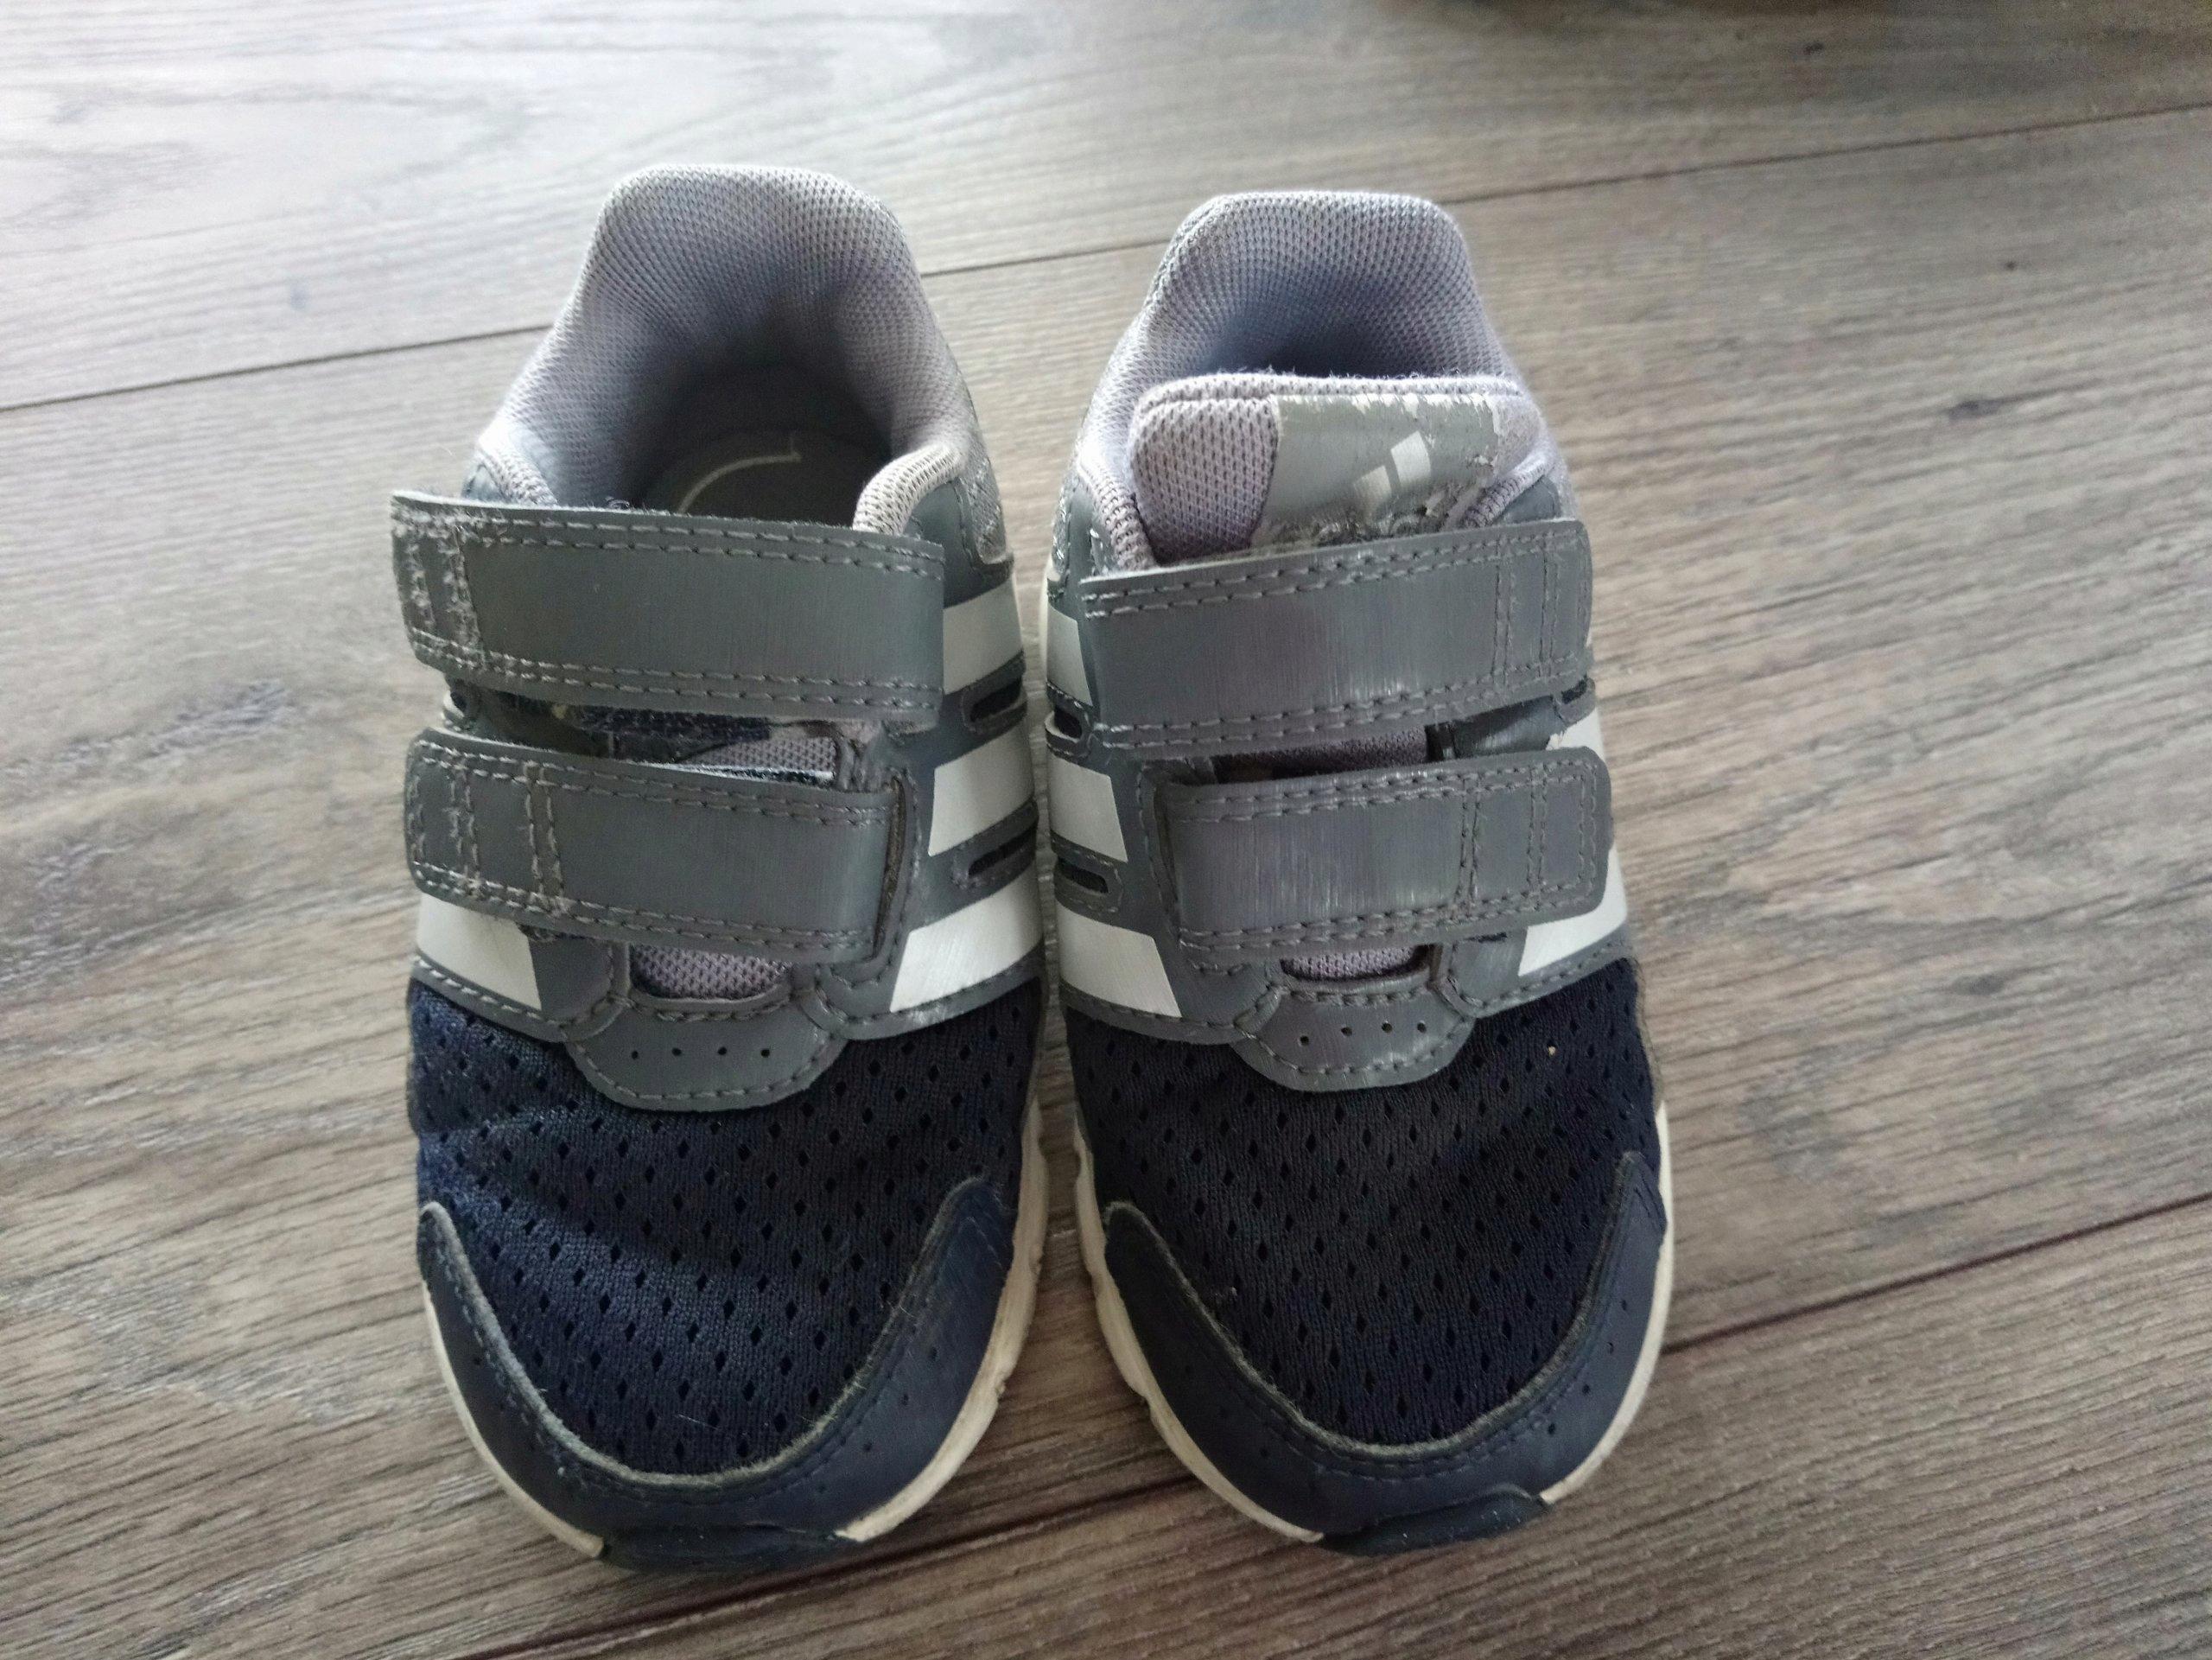 bce13450 Buty chłopięce lekkie jesienne adidas 22 - 7234536009 - oficjalne ...